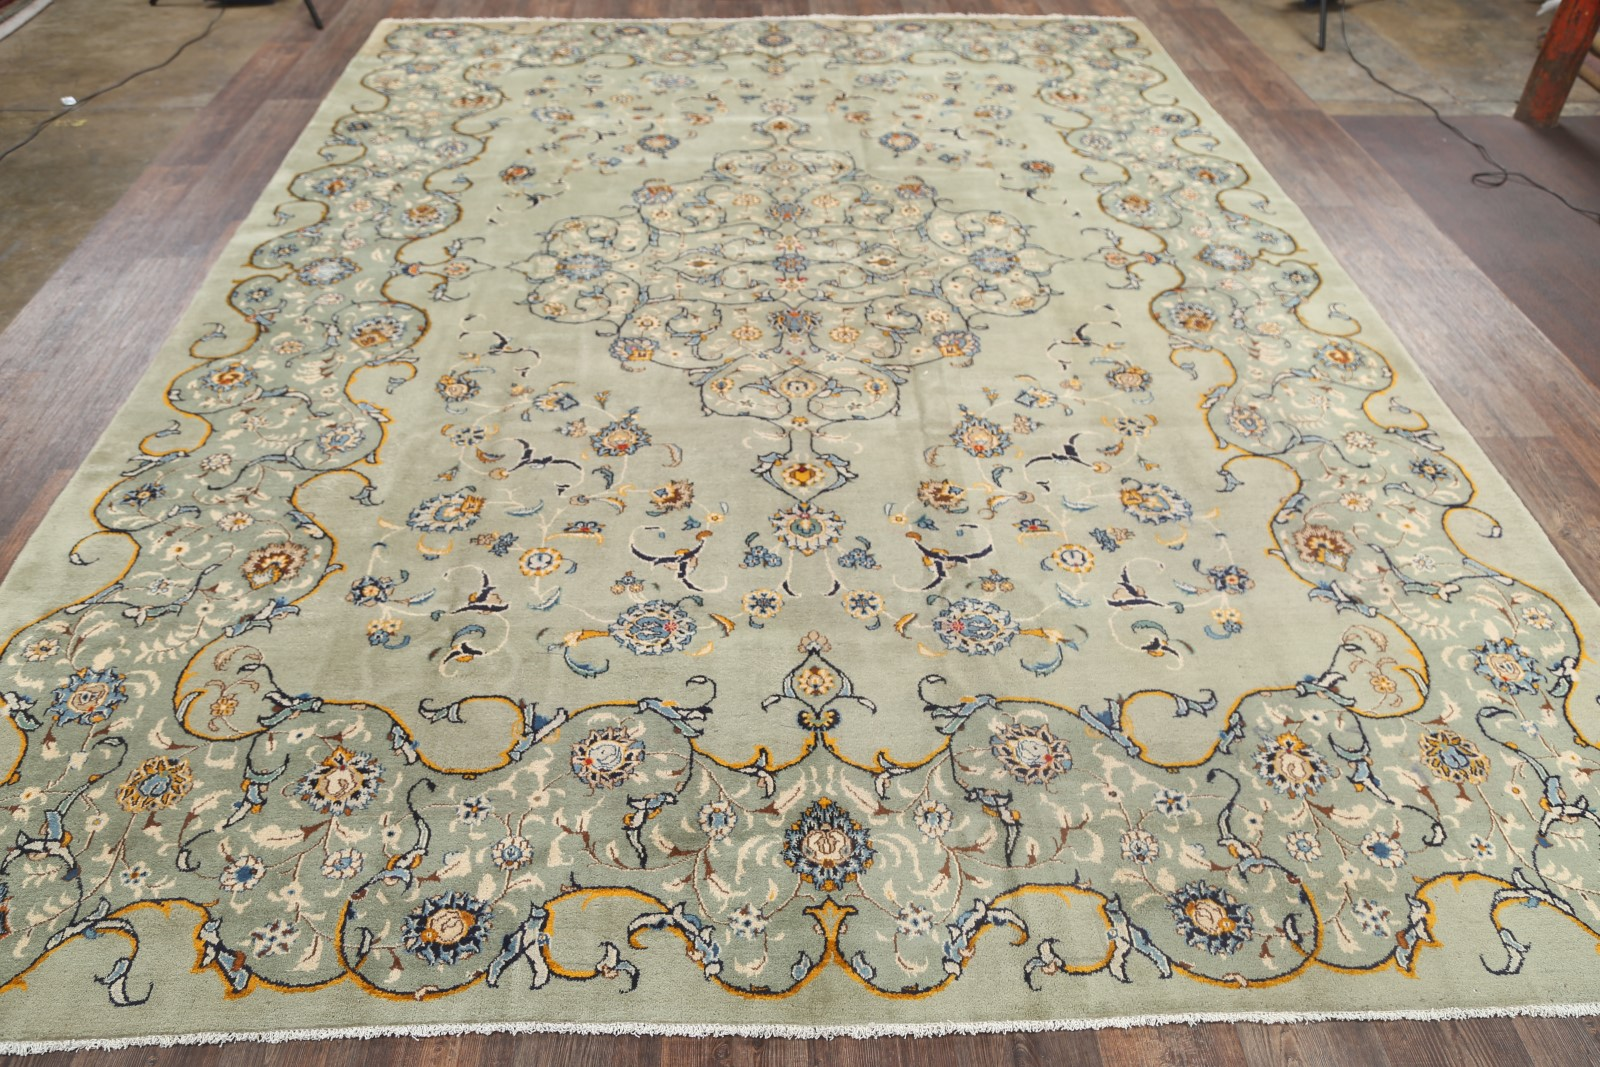 floral sage green 10x14 signed kashan persian oriental area rug 14 39 2 x 10 39 4. Black Bedroom Furniture Sets. Home Design Ideas